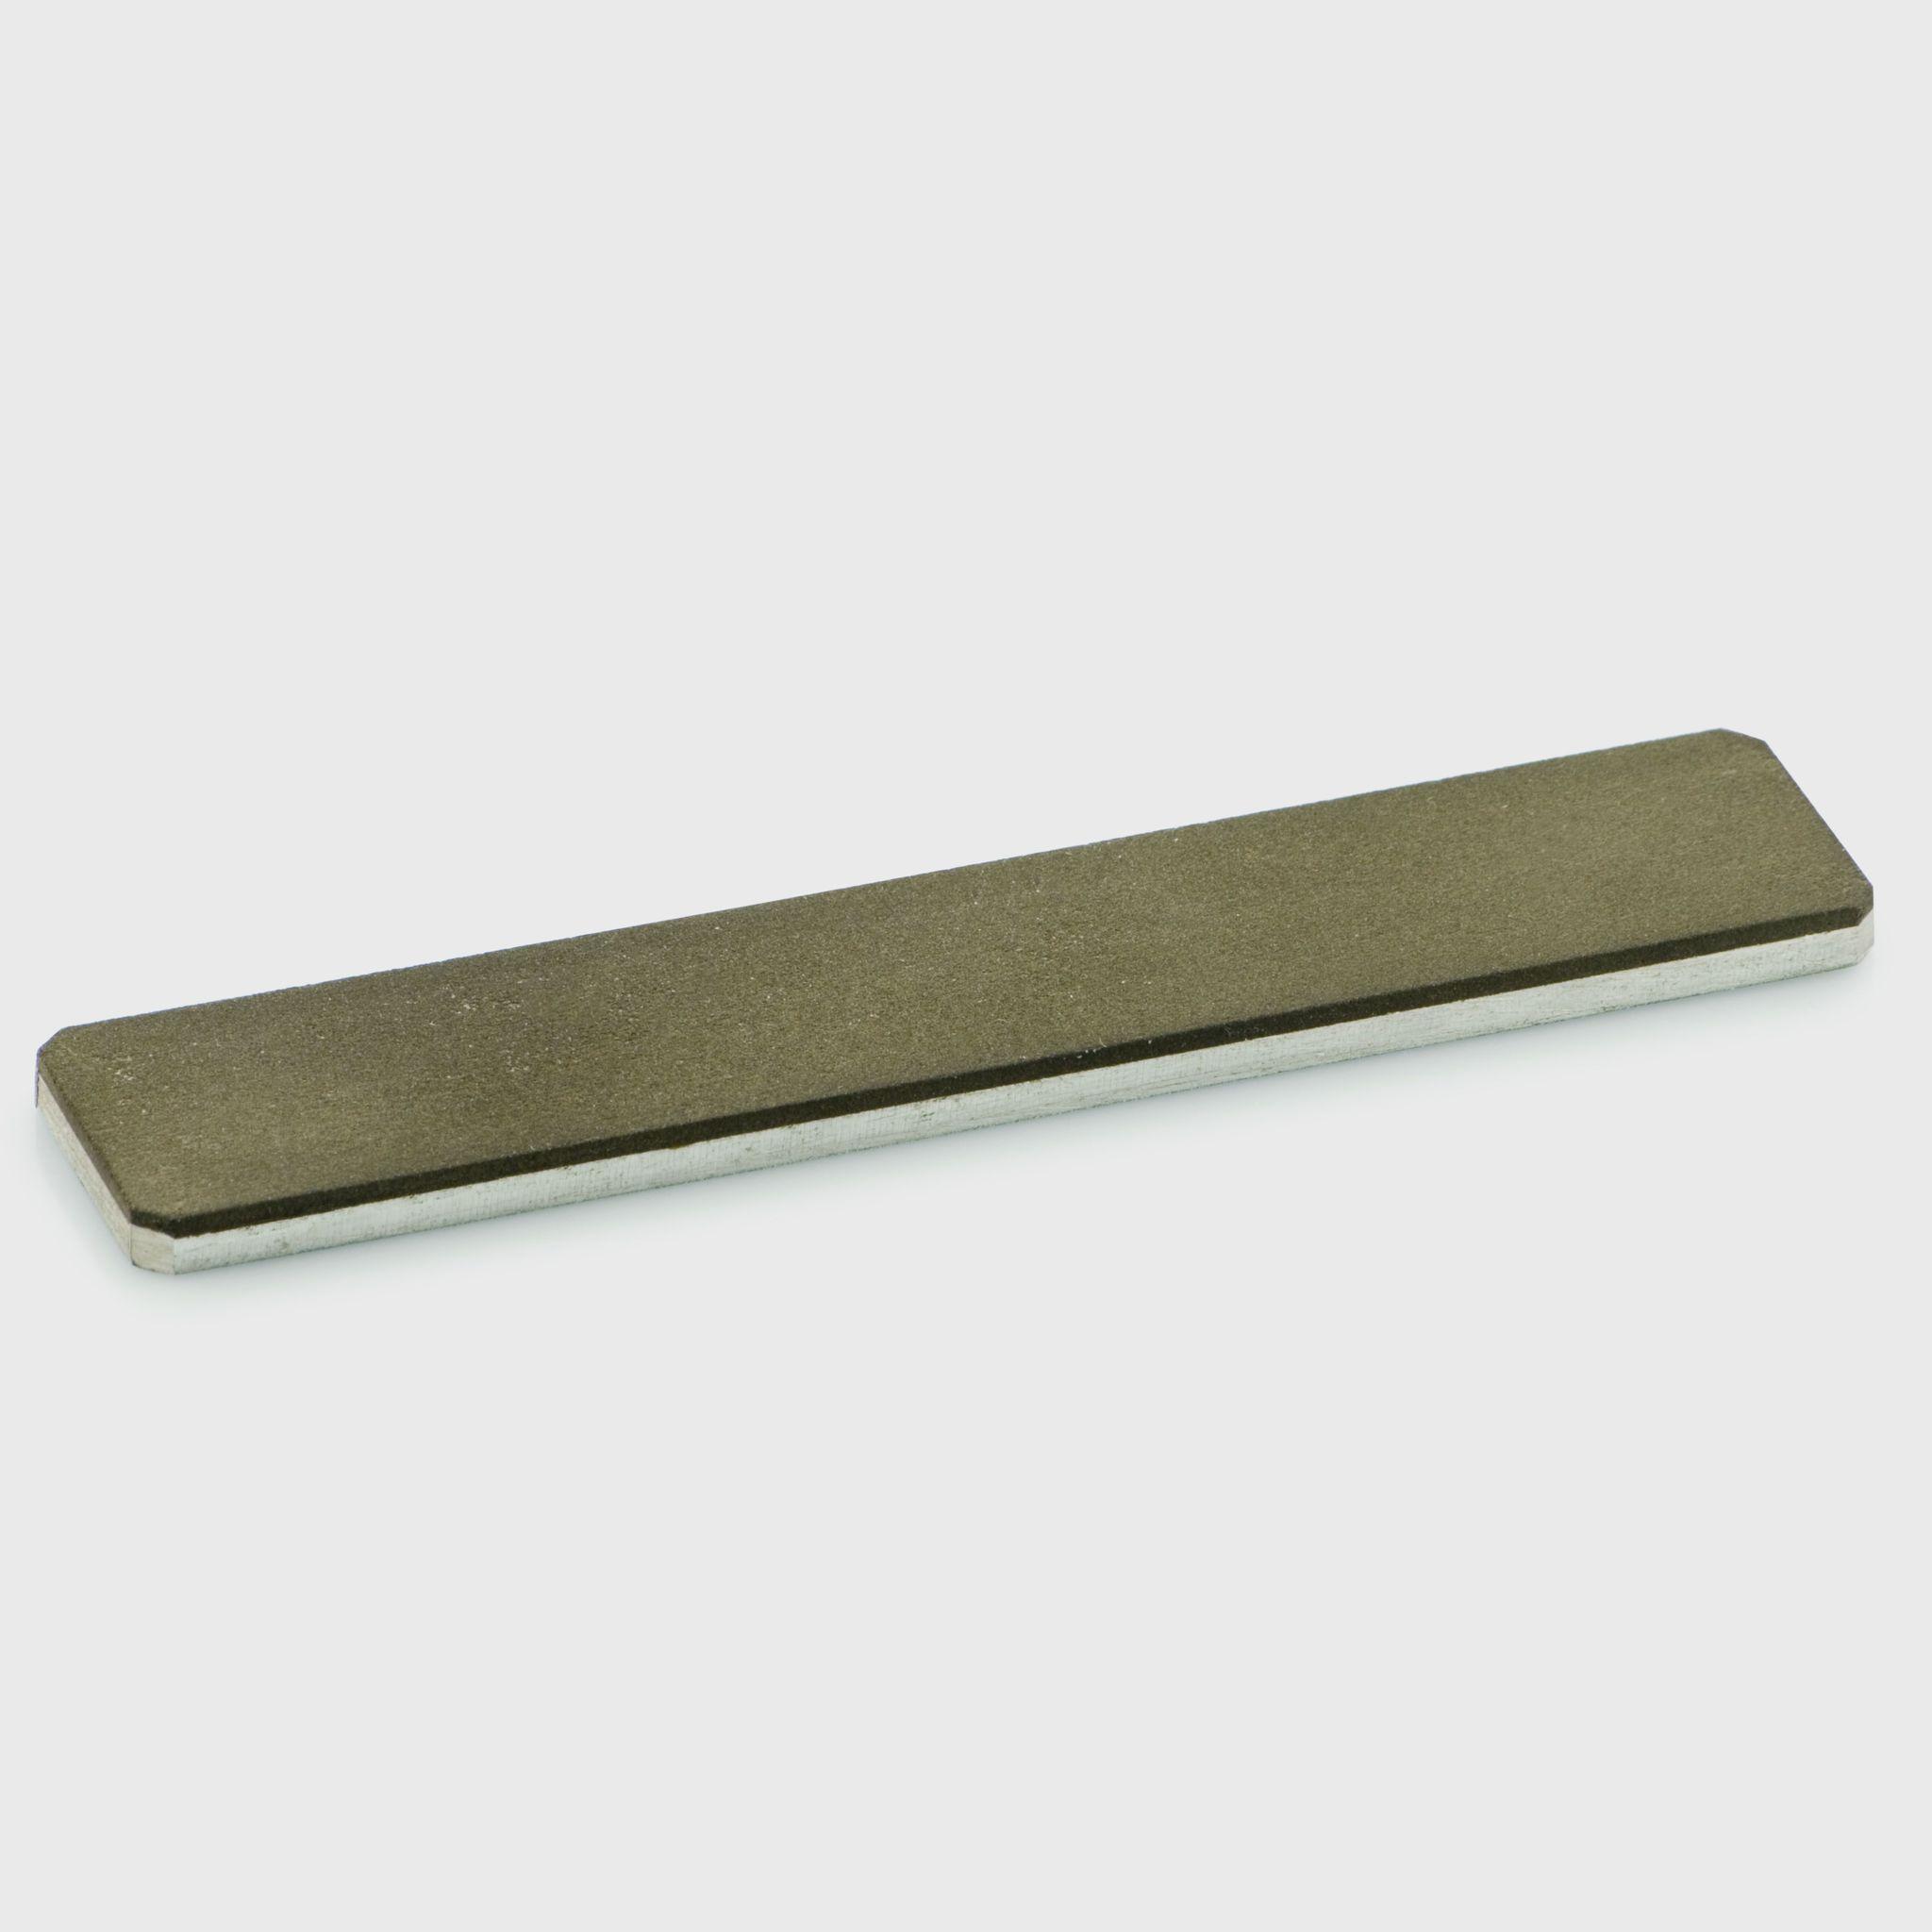 Каталог Алмазный брусок 110х23х4 200/160 100% 110х24_1а.jpg